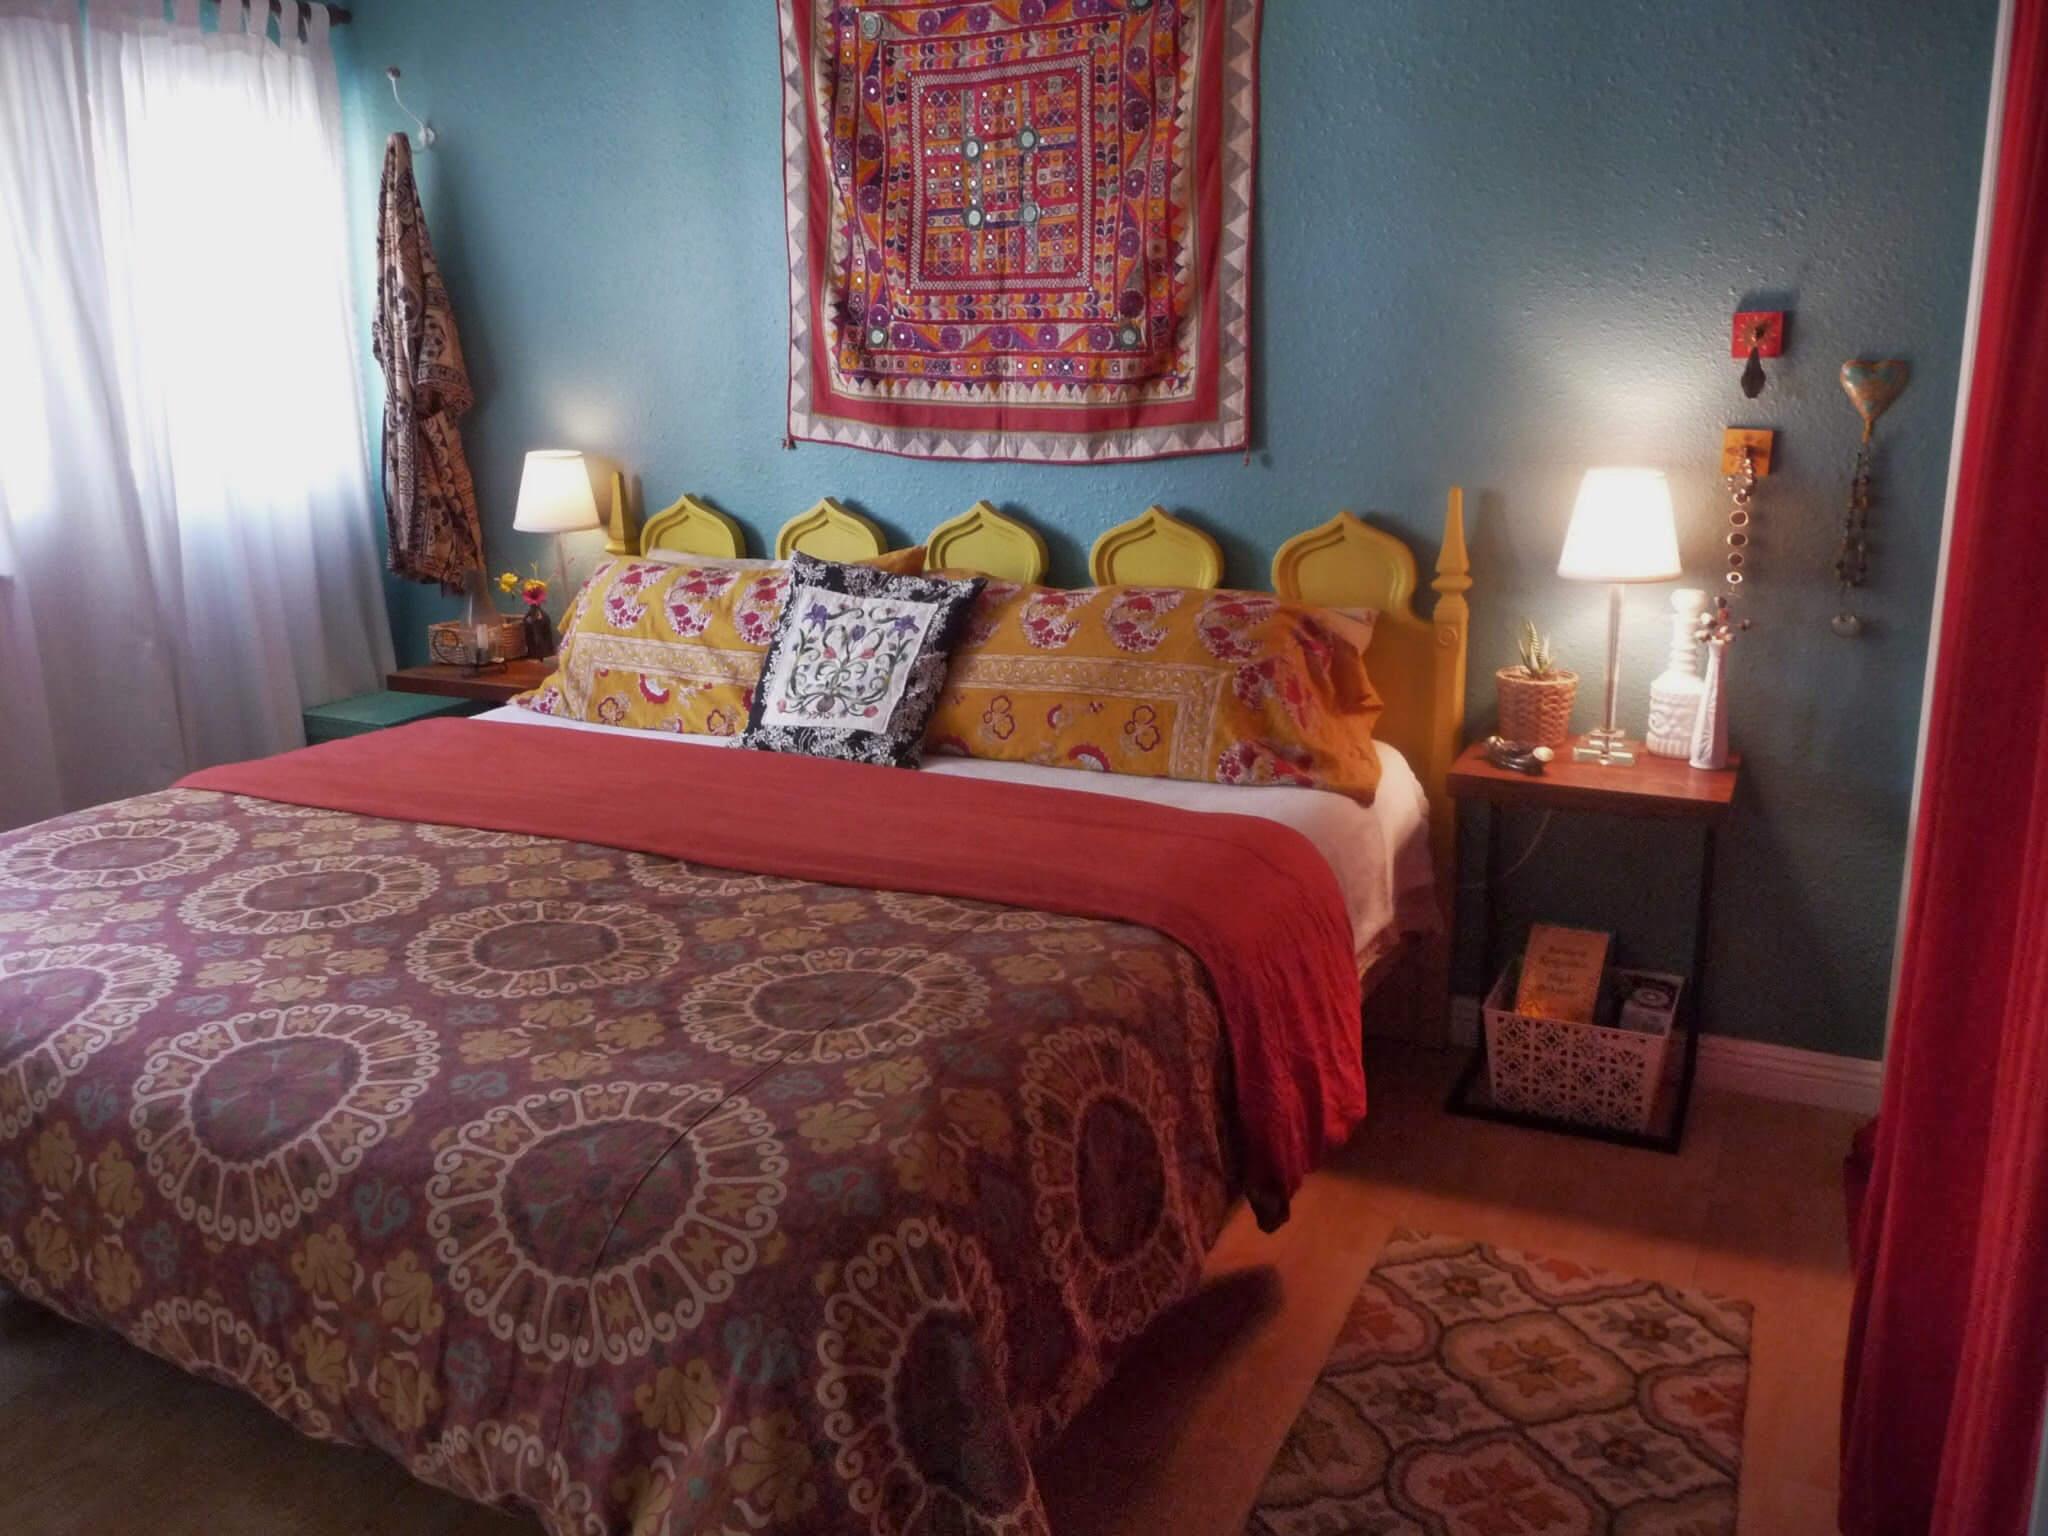 bohemian bed with mandala printed sheets